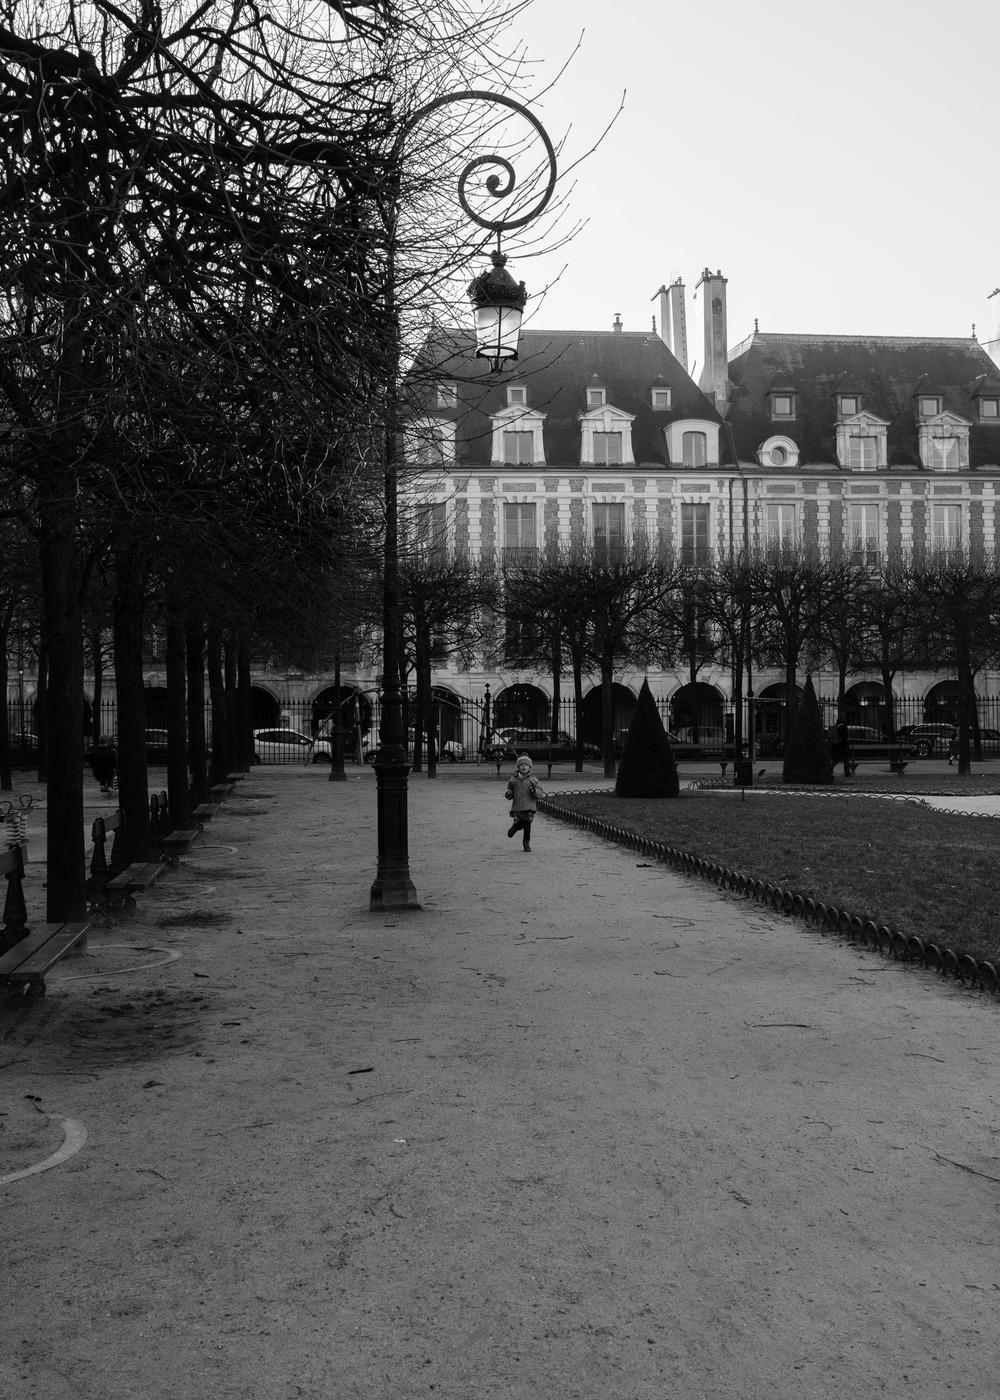 erwt paris-73.jpg